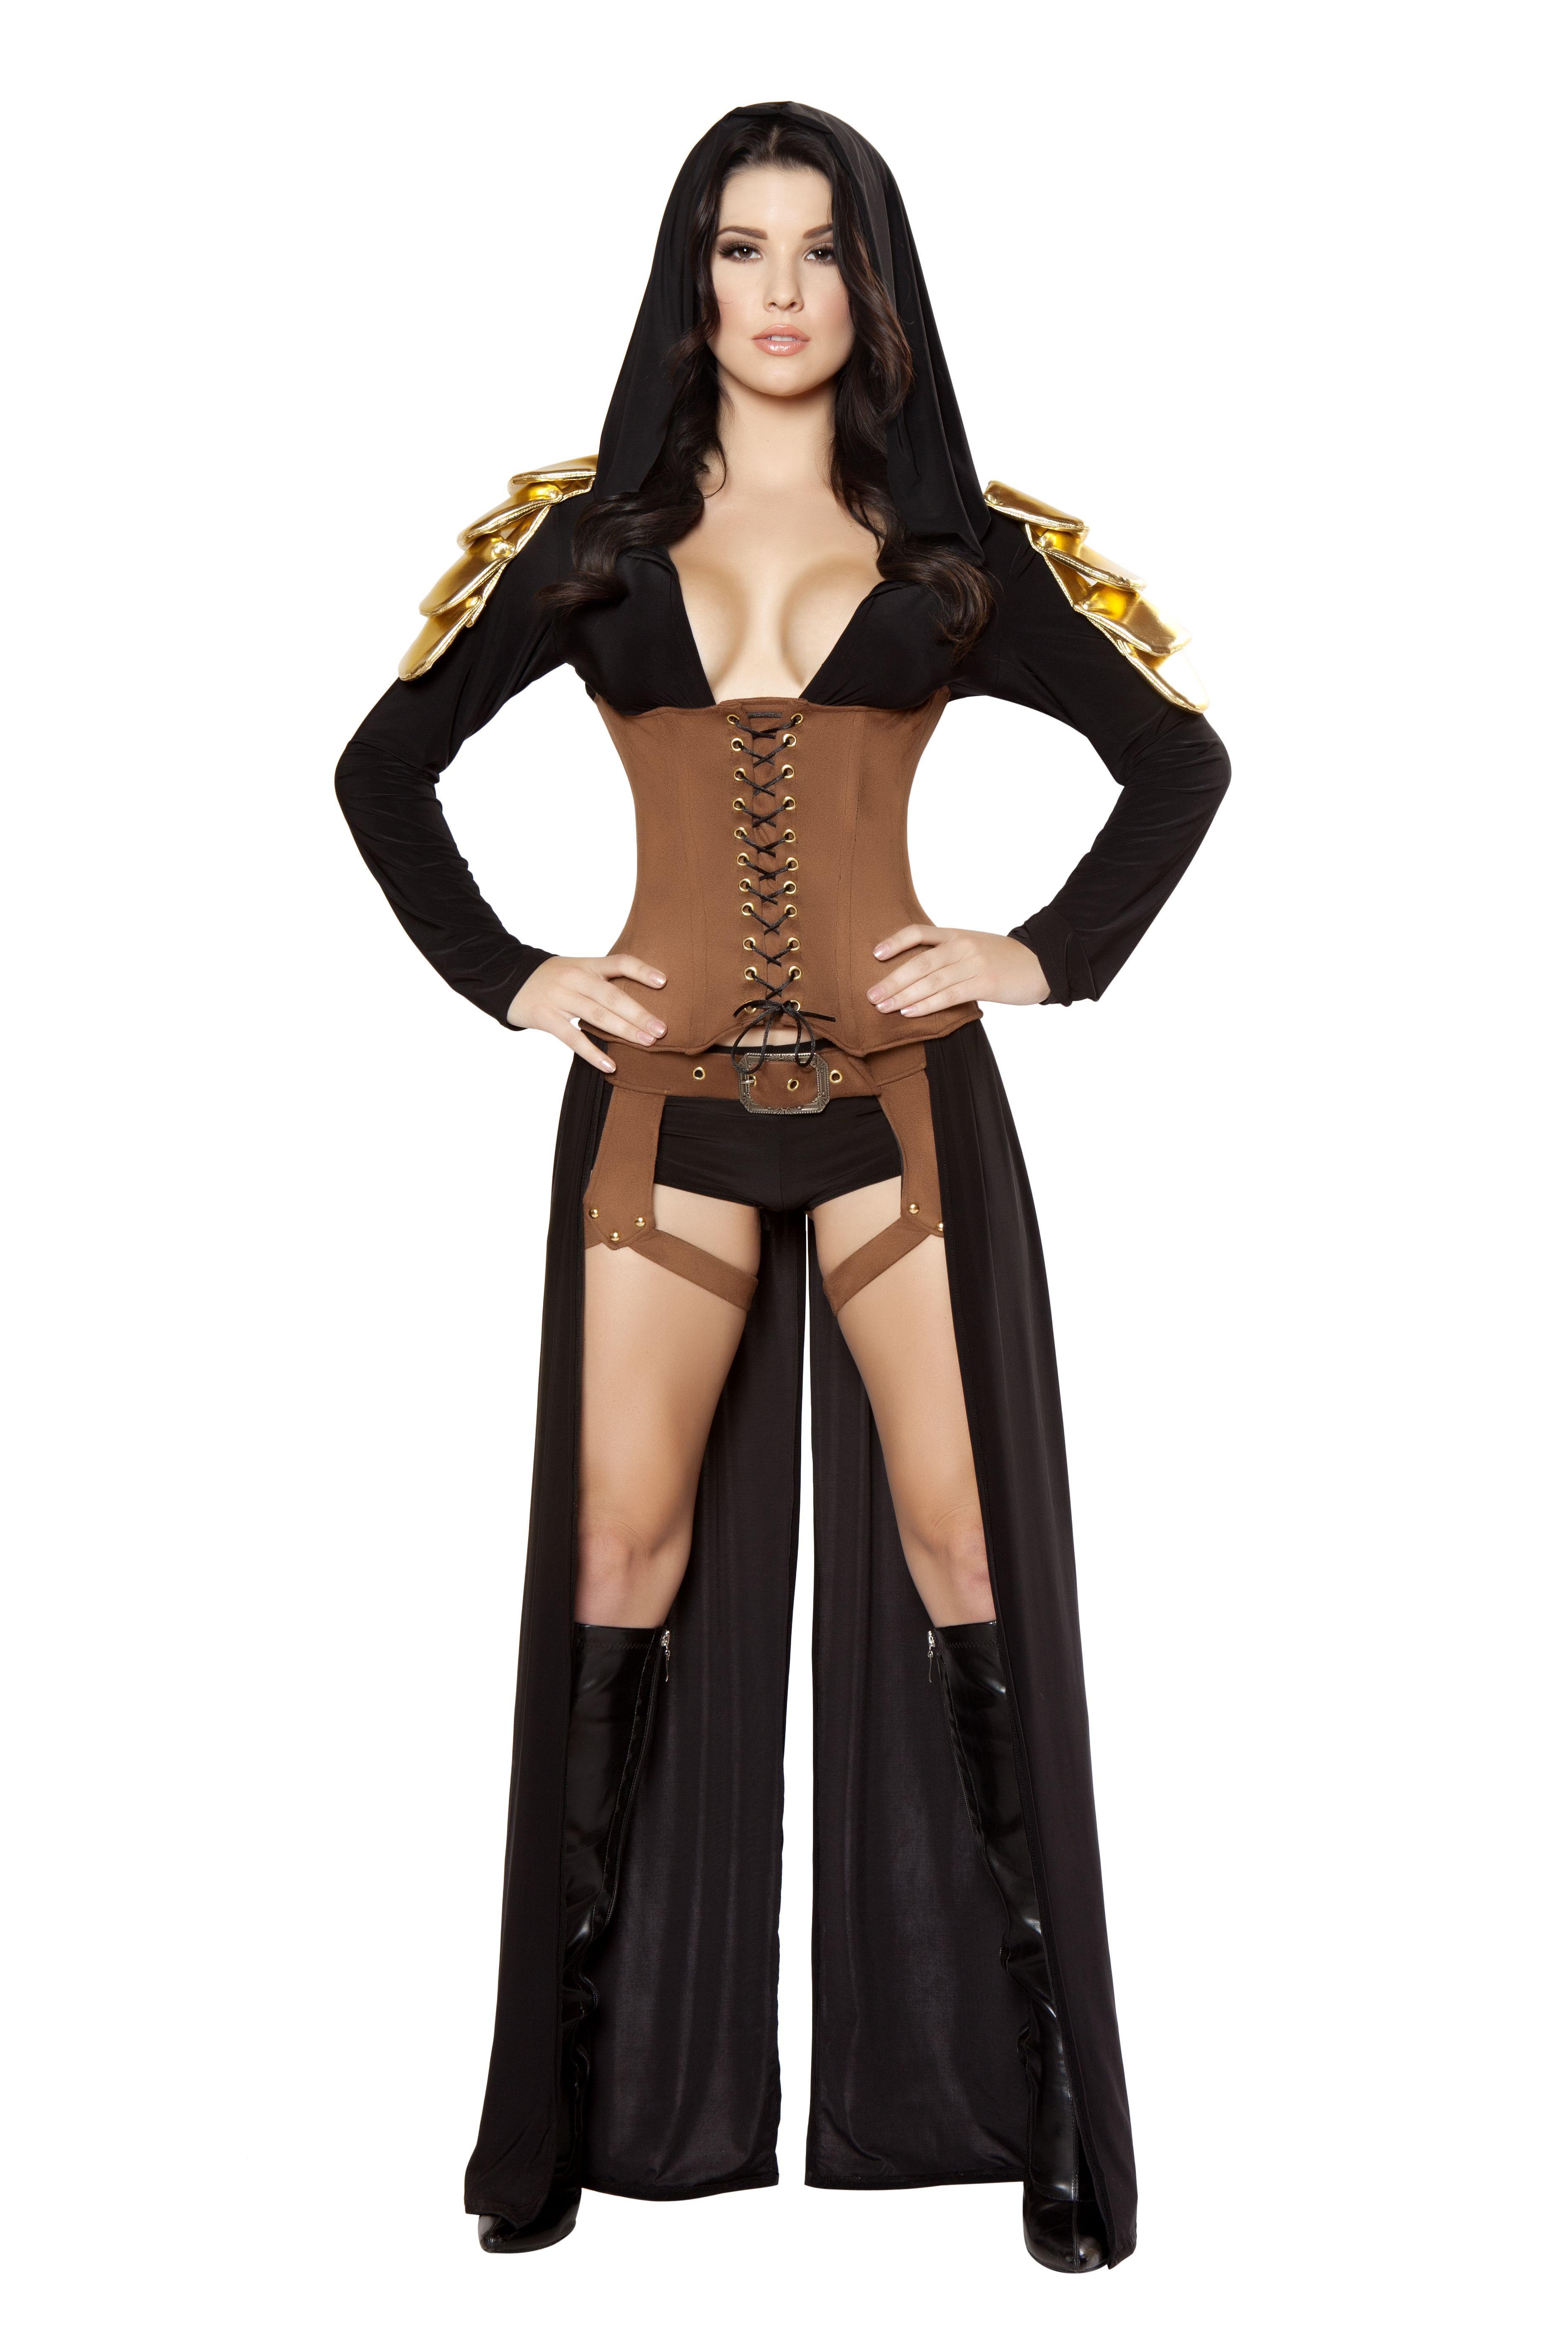 6f8a12e9e0 halloween aristocrat women dress steampunk | women halloween costume  reviews 0 write a review home womens costumes .